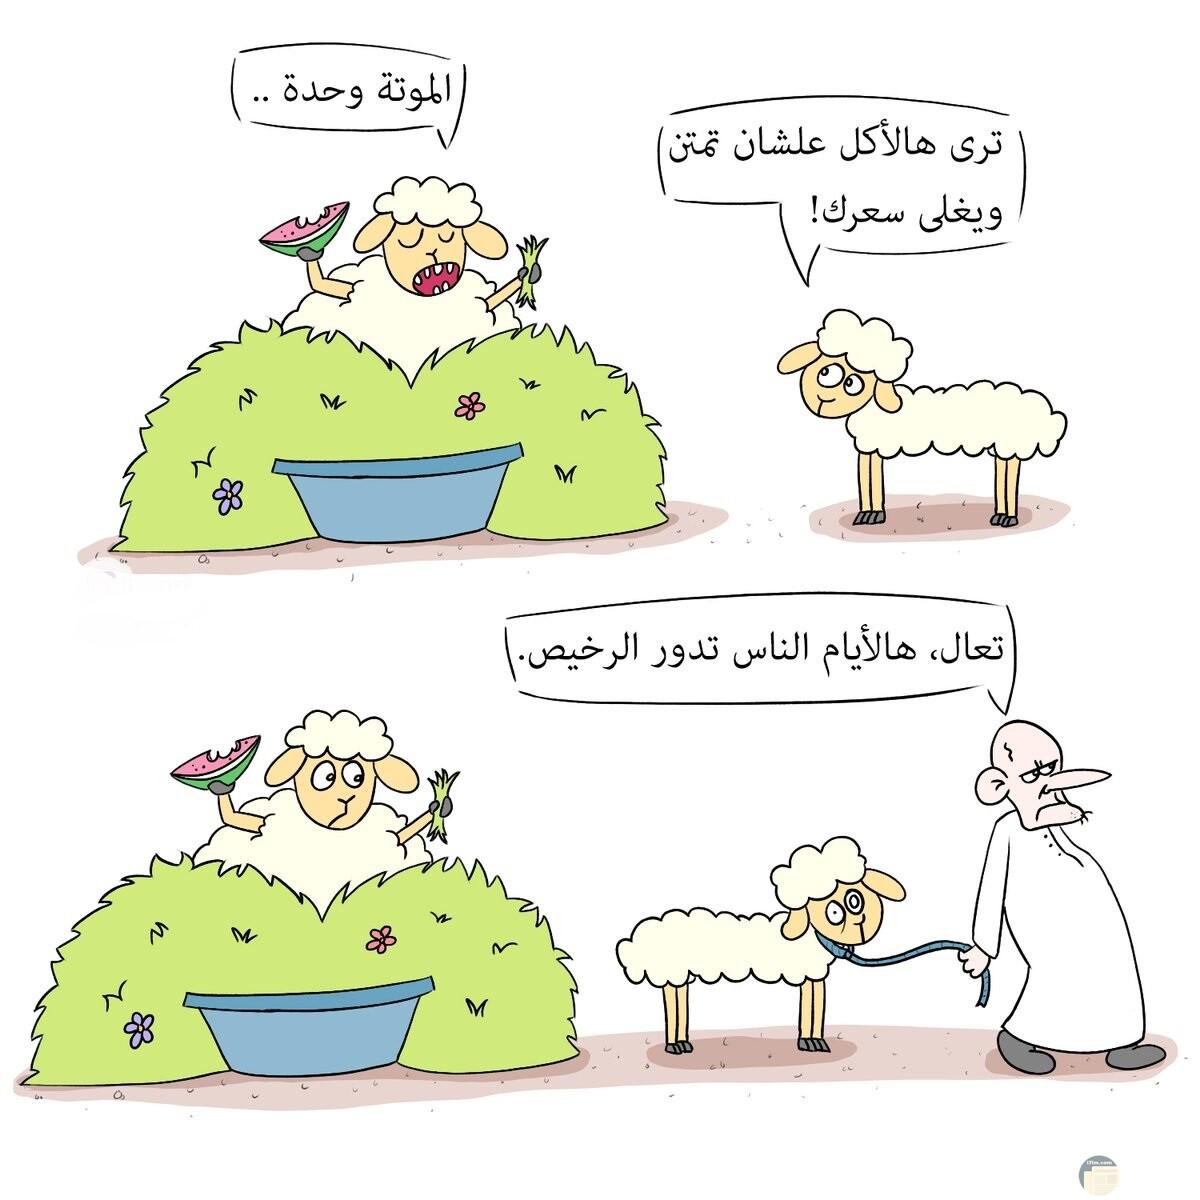 أضحك مع خروف العيد.